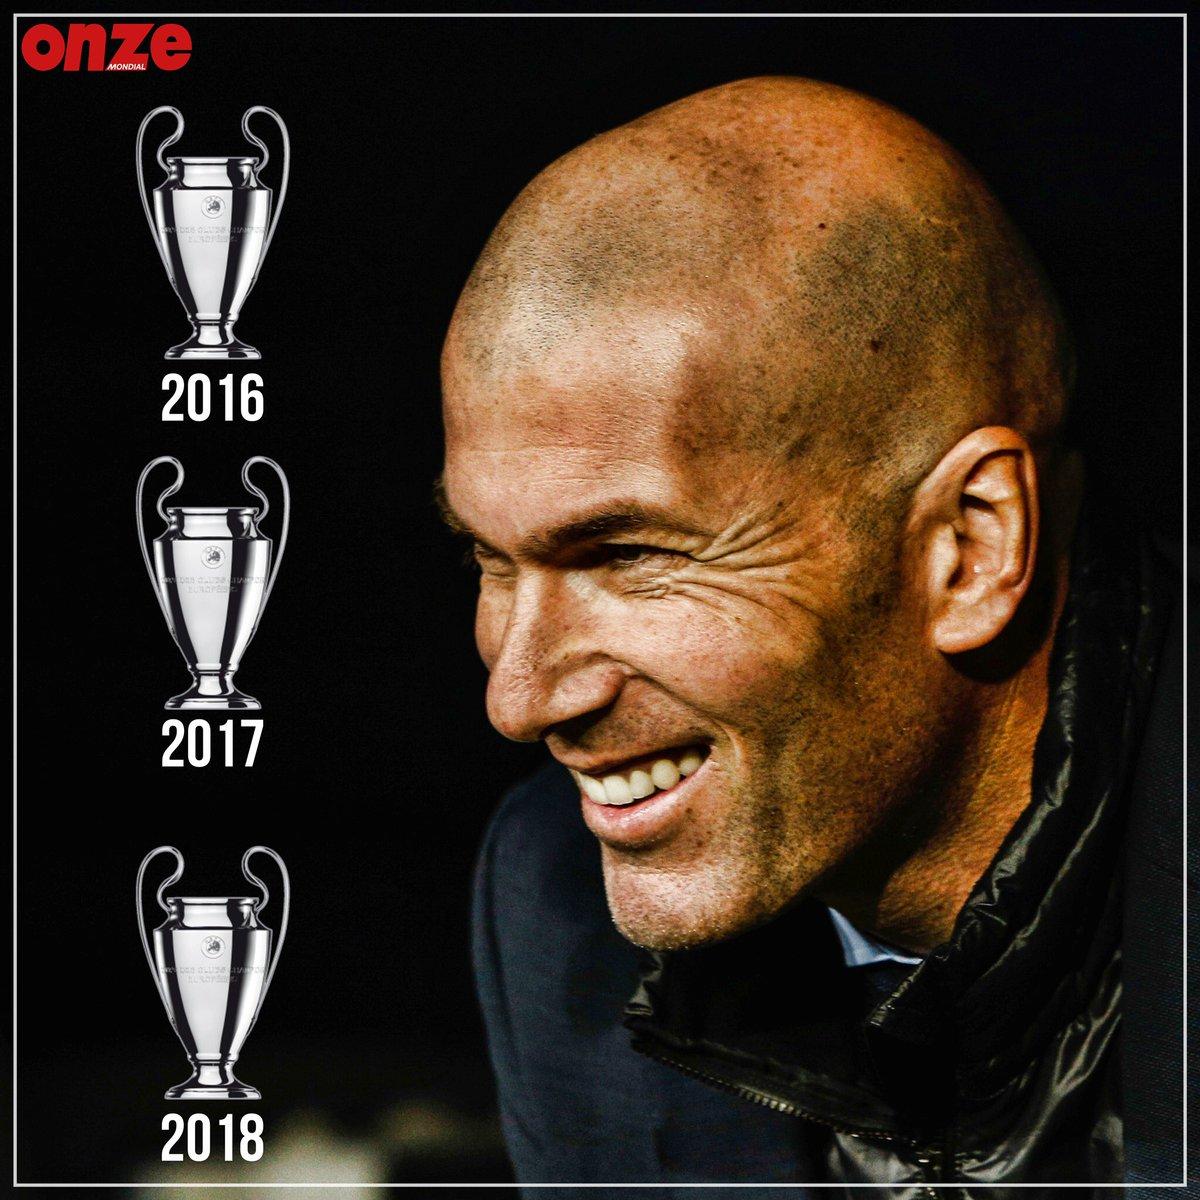 زيدان أول مدرب يفوز بلقب دوري أبطال أوروبا ثلاث مرات متتالية